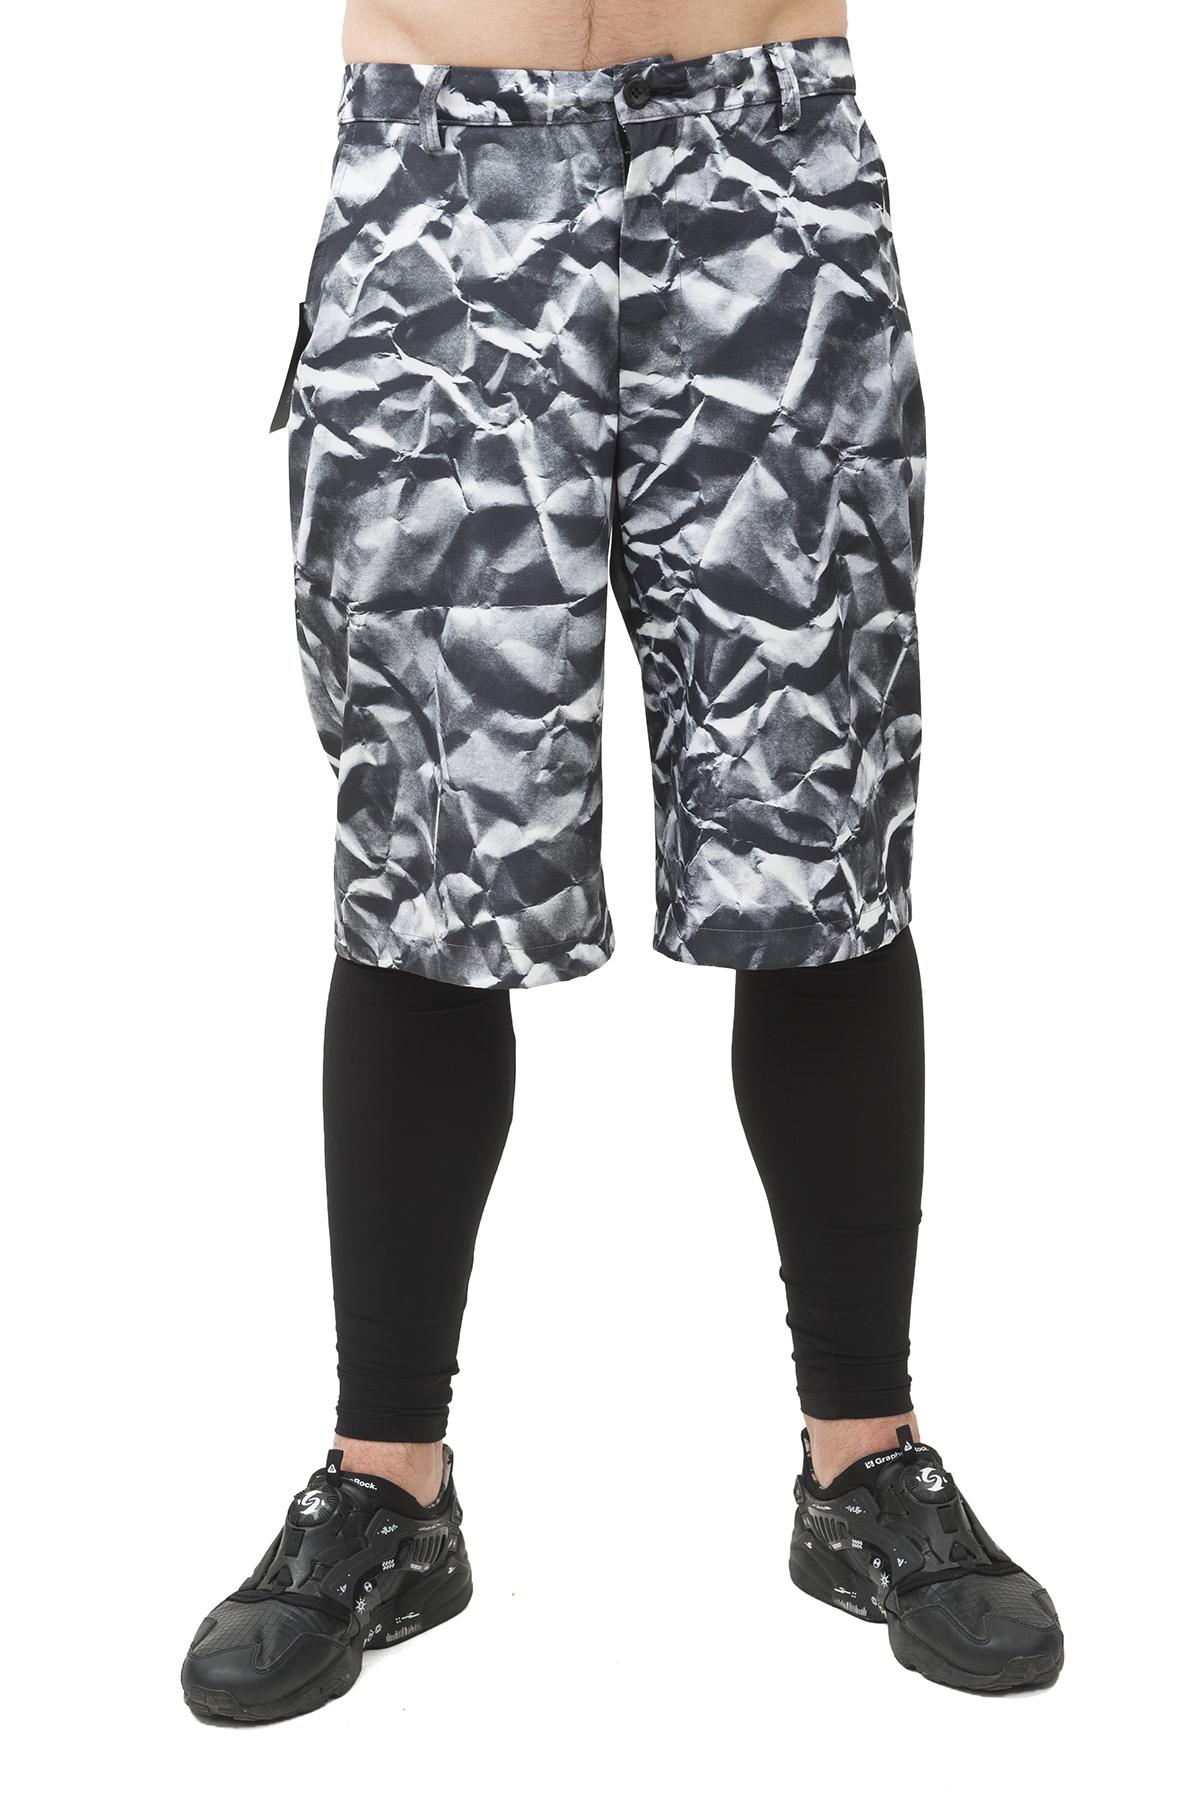 ШортыБрюки, джинсы, шорты от производителя<br>Шорты  Pavel Yerokin выполнены из бондинга (курточной ткани). Особенности: прямой крой, застежка на молнии и пуговице, 2 кармана спереди, шлевки для ремня, принт — мятая бумага.<br><br>Цвет: черный<br>Состав: Полиэстер - 100%<br>Размер: 44,46,48,50,52<br>Страна дизайна: Россия<br>Страна производства: Россия